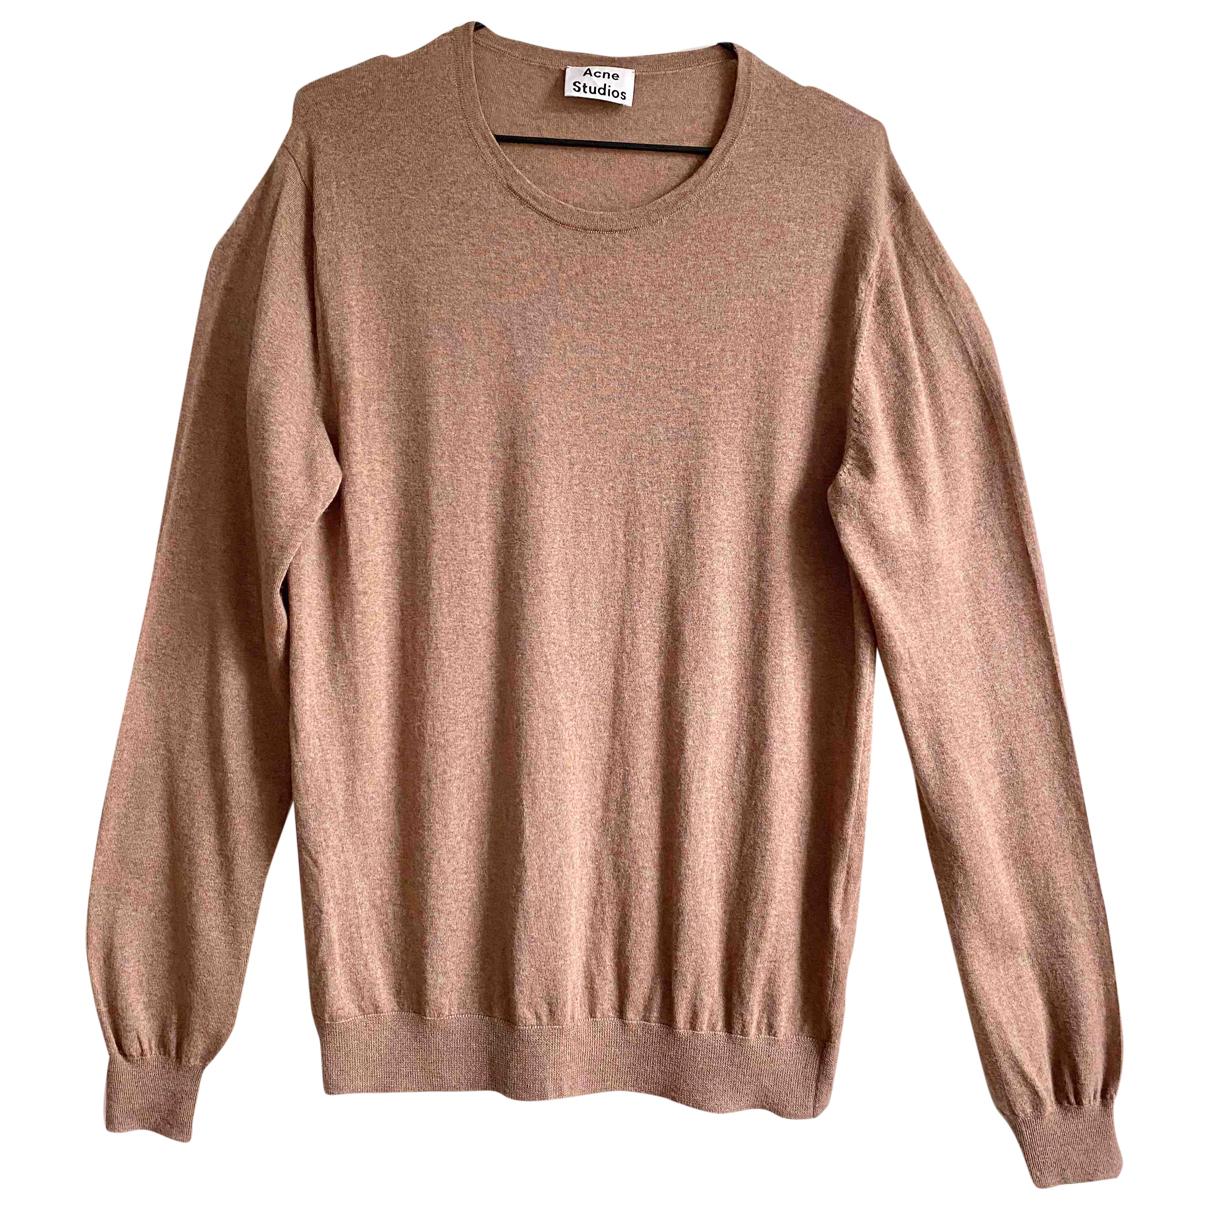 Acne Studios \N Beige Wool Knitwear & Sweatshirts for Men M International